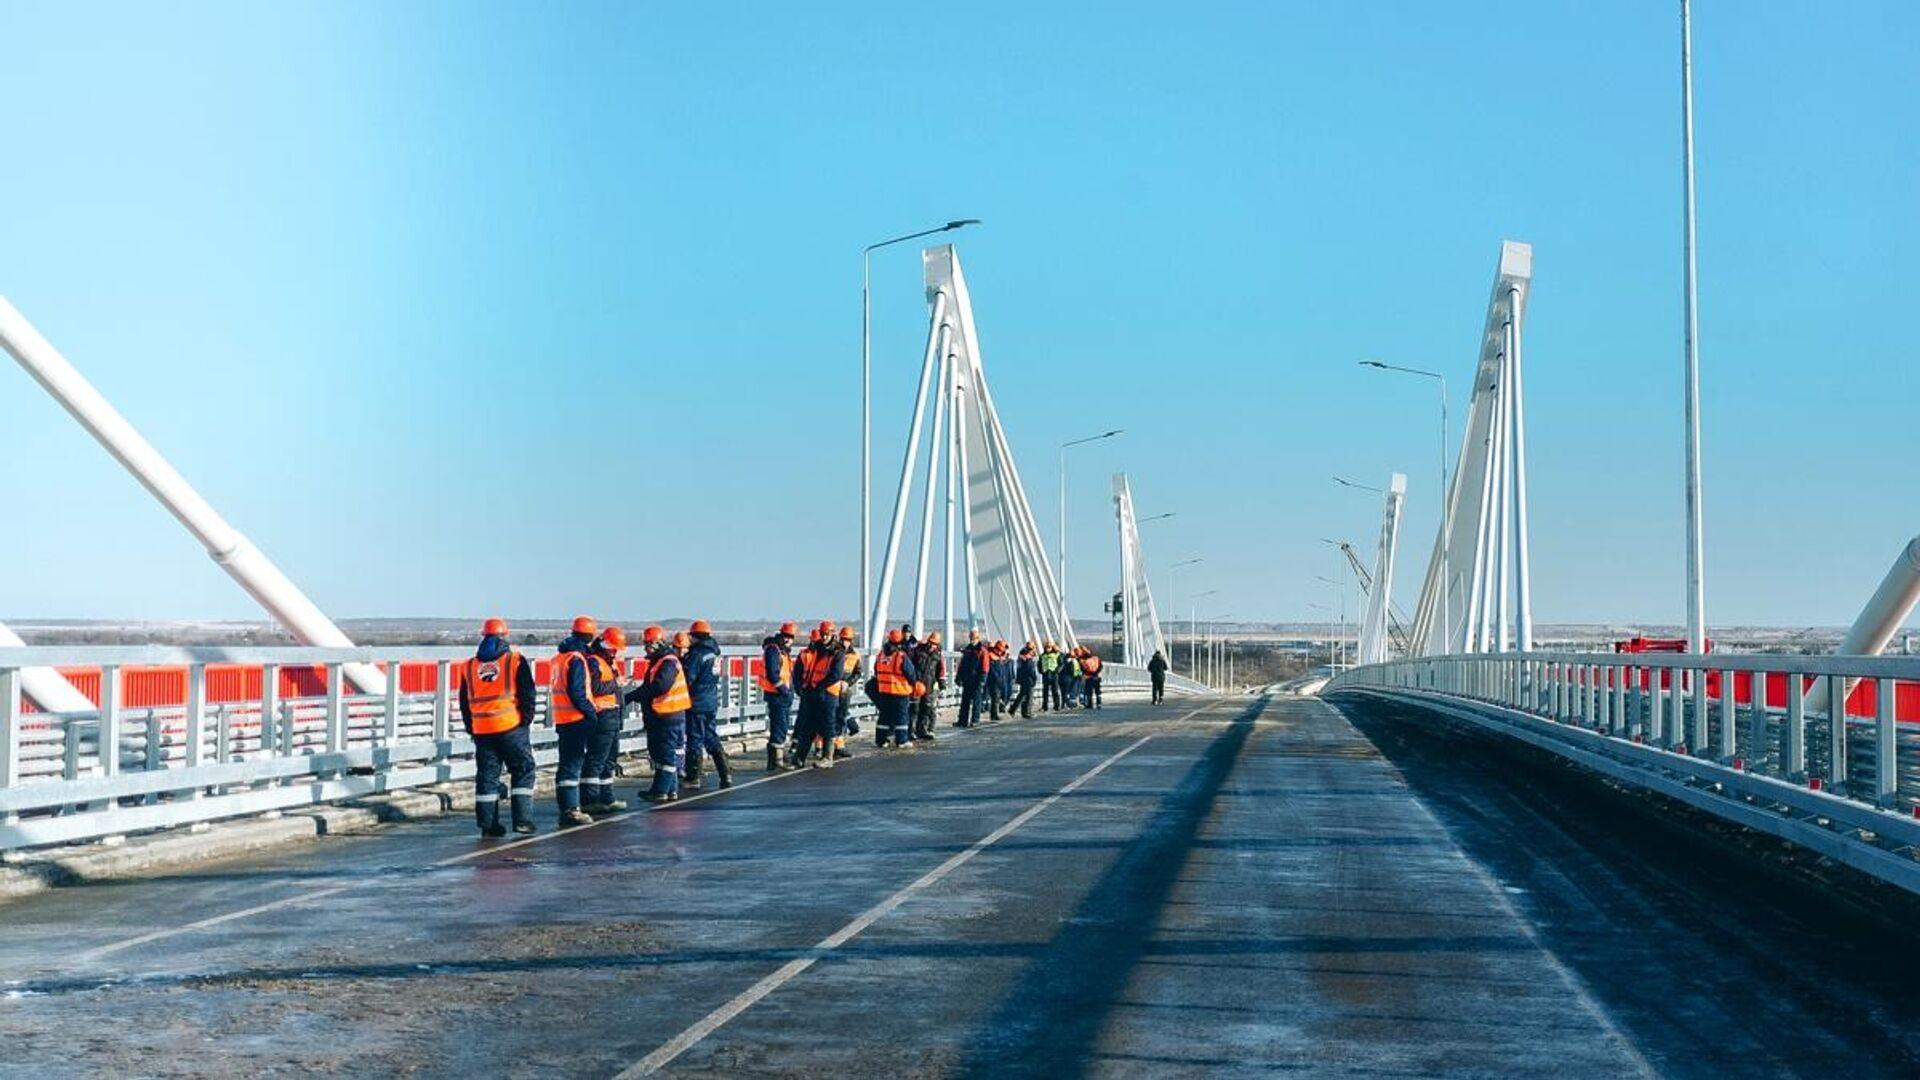 Завершено строительство моста через Амур между Россией и Китаем - РИА Новости, 1920, 16.02.2021